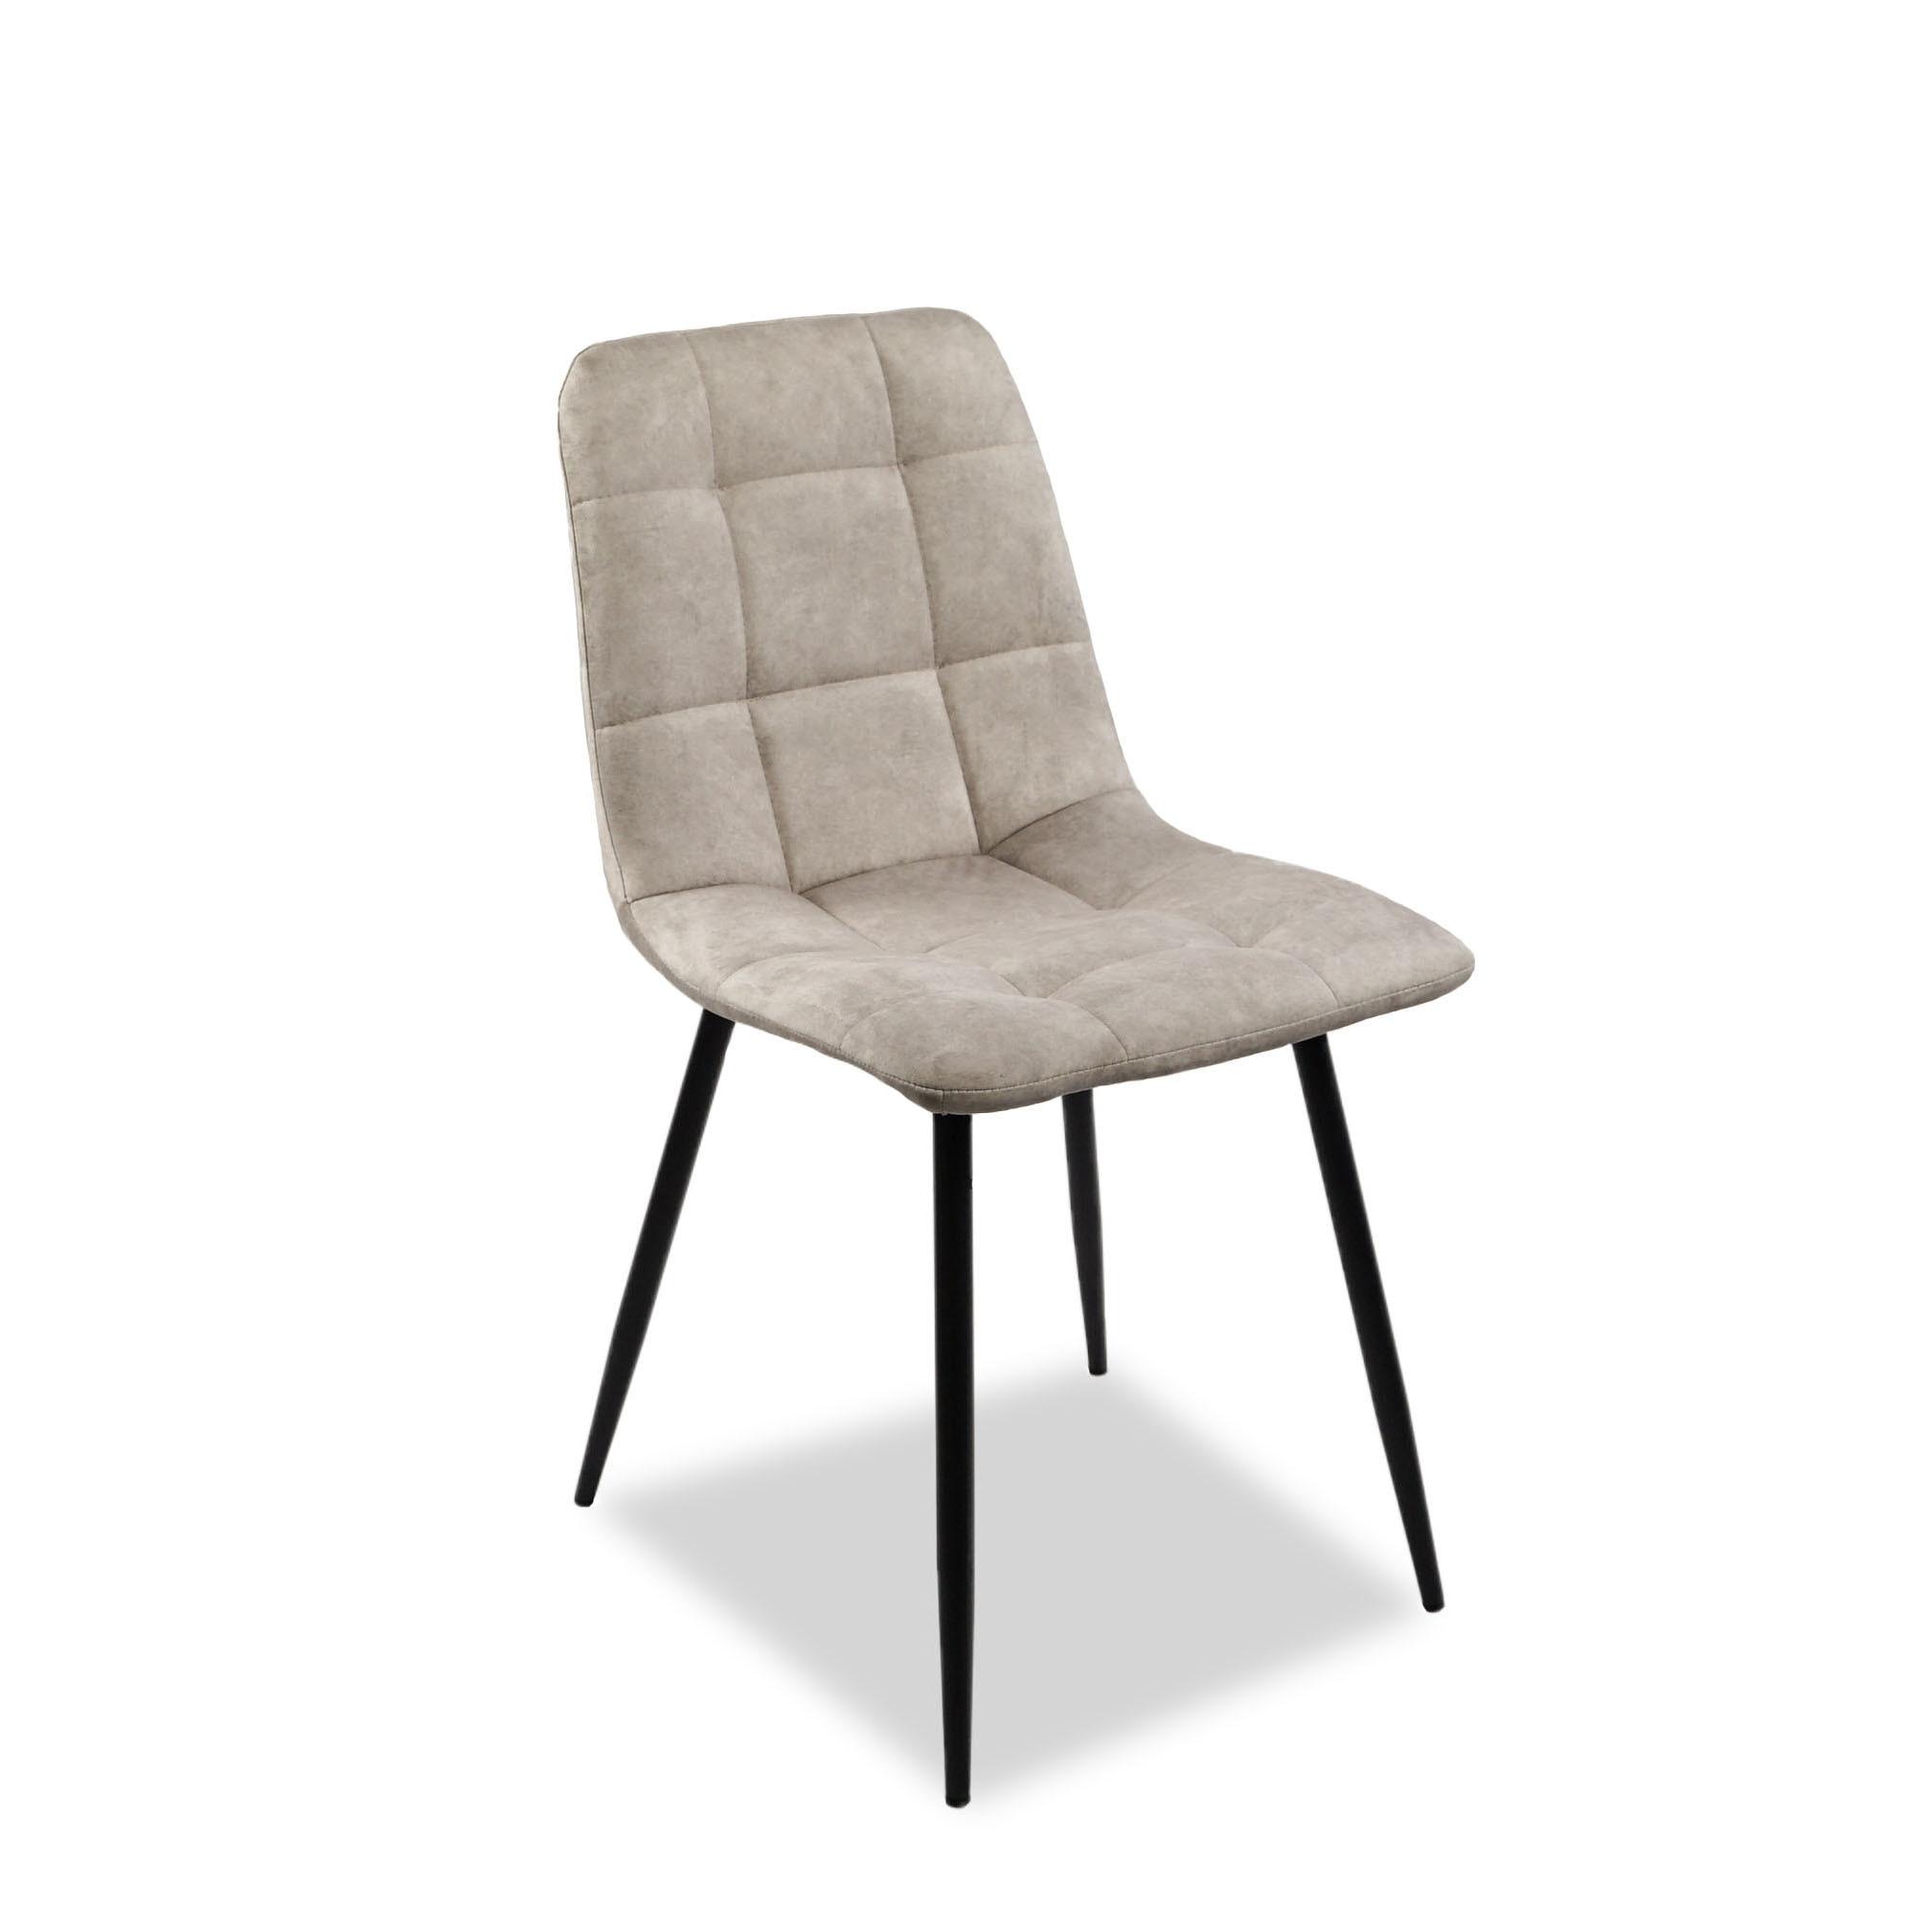 4 pçs cadeira de jantar, os veludo de couro artificial, cadeira de cozinha, cadeira de ferro, alta qualidade estilo russo delievry livre